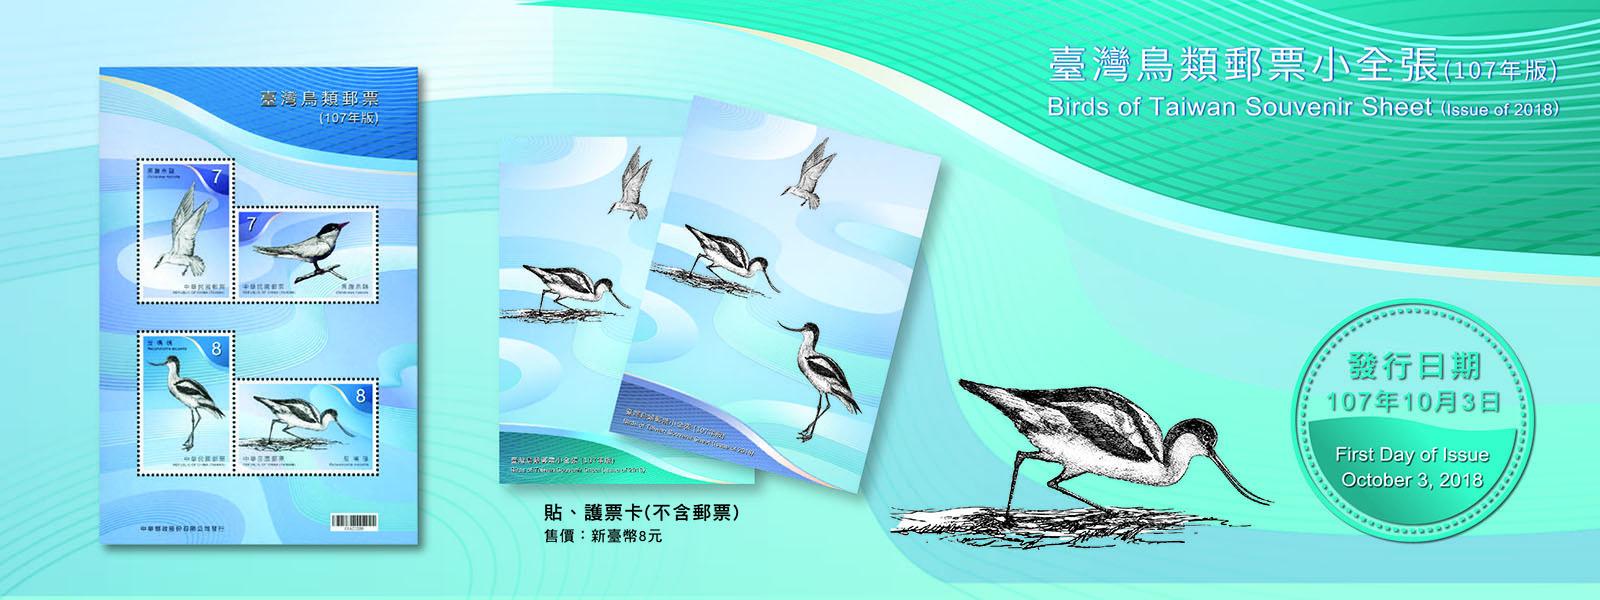 廣告連結:臺灣鳥類郵票小全張(107年版)(另開視窗)